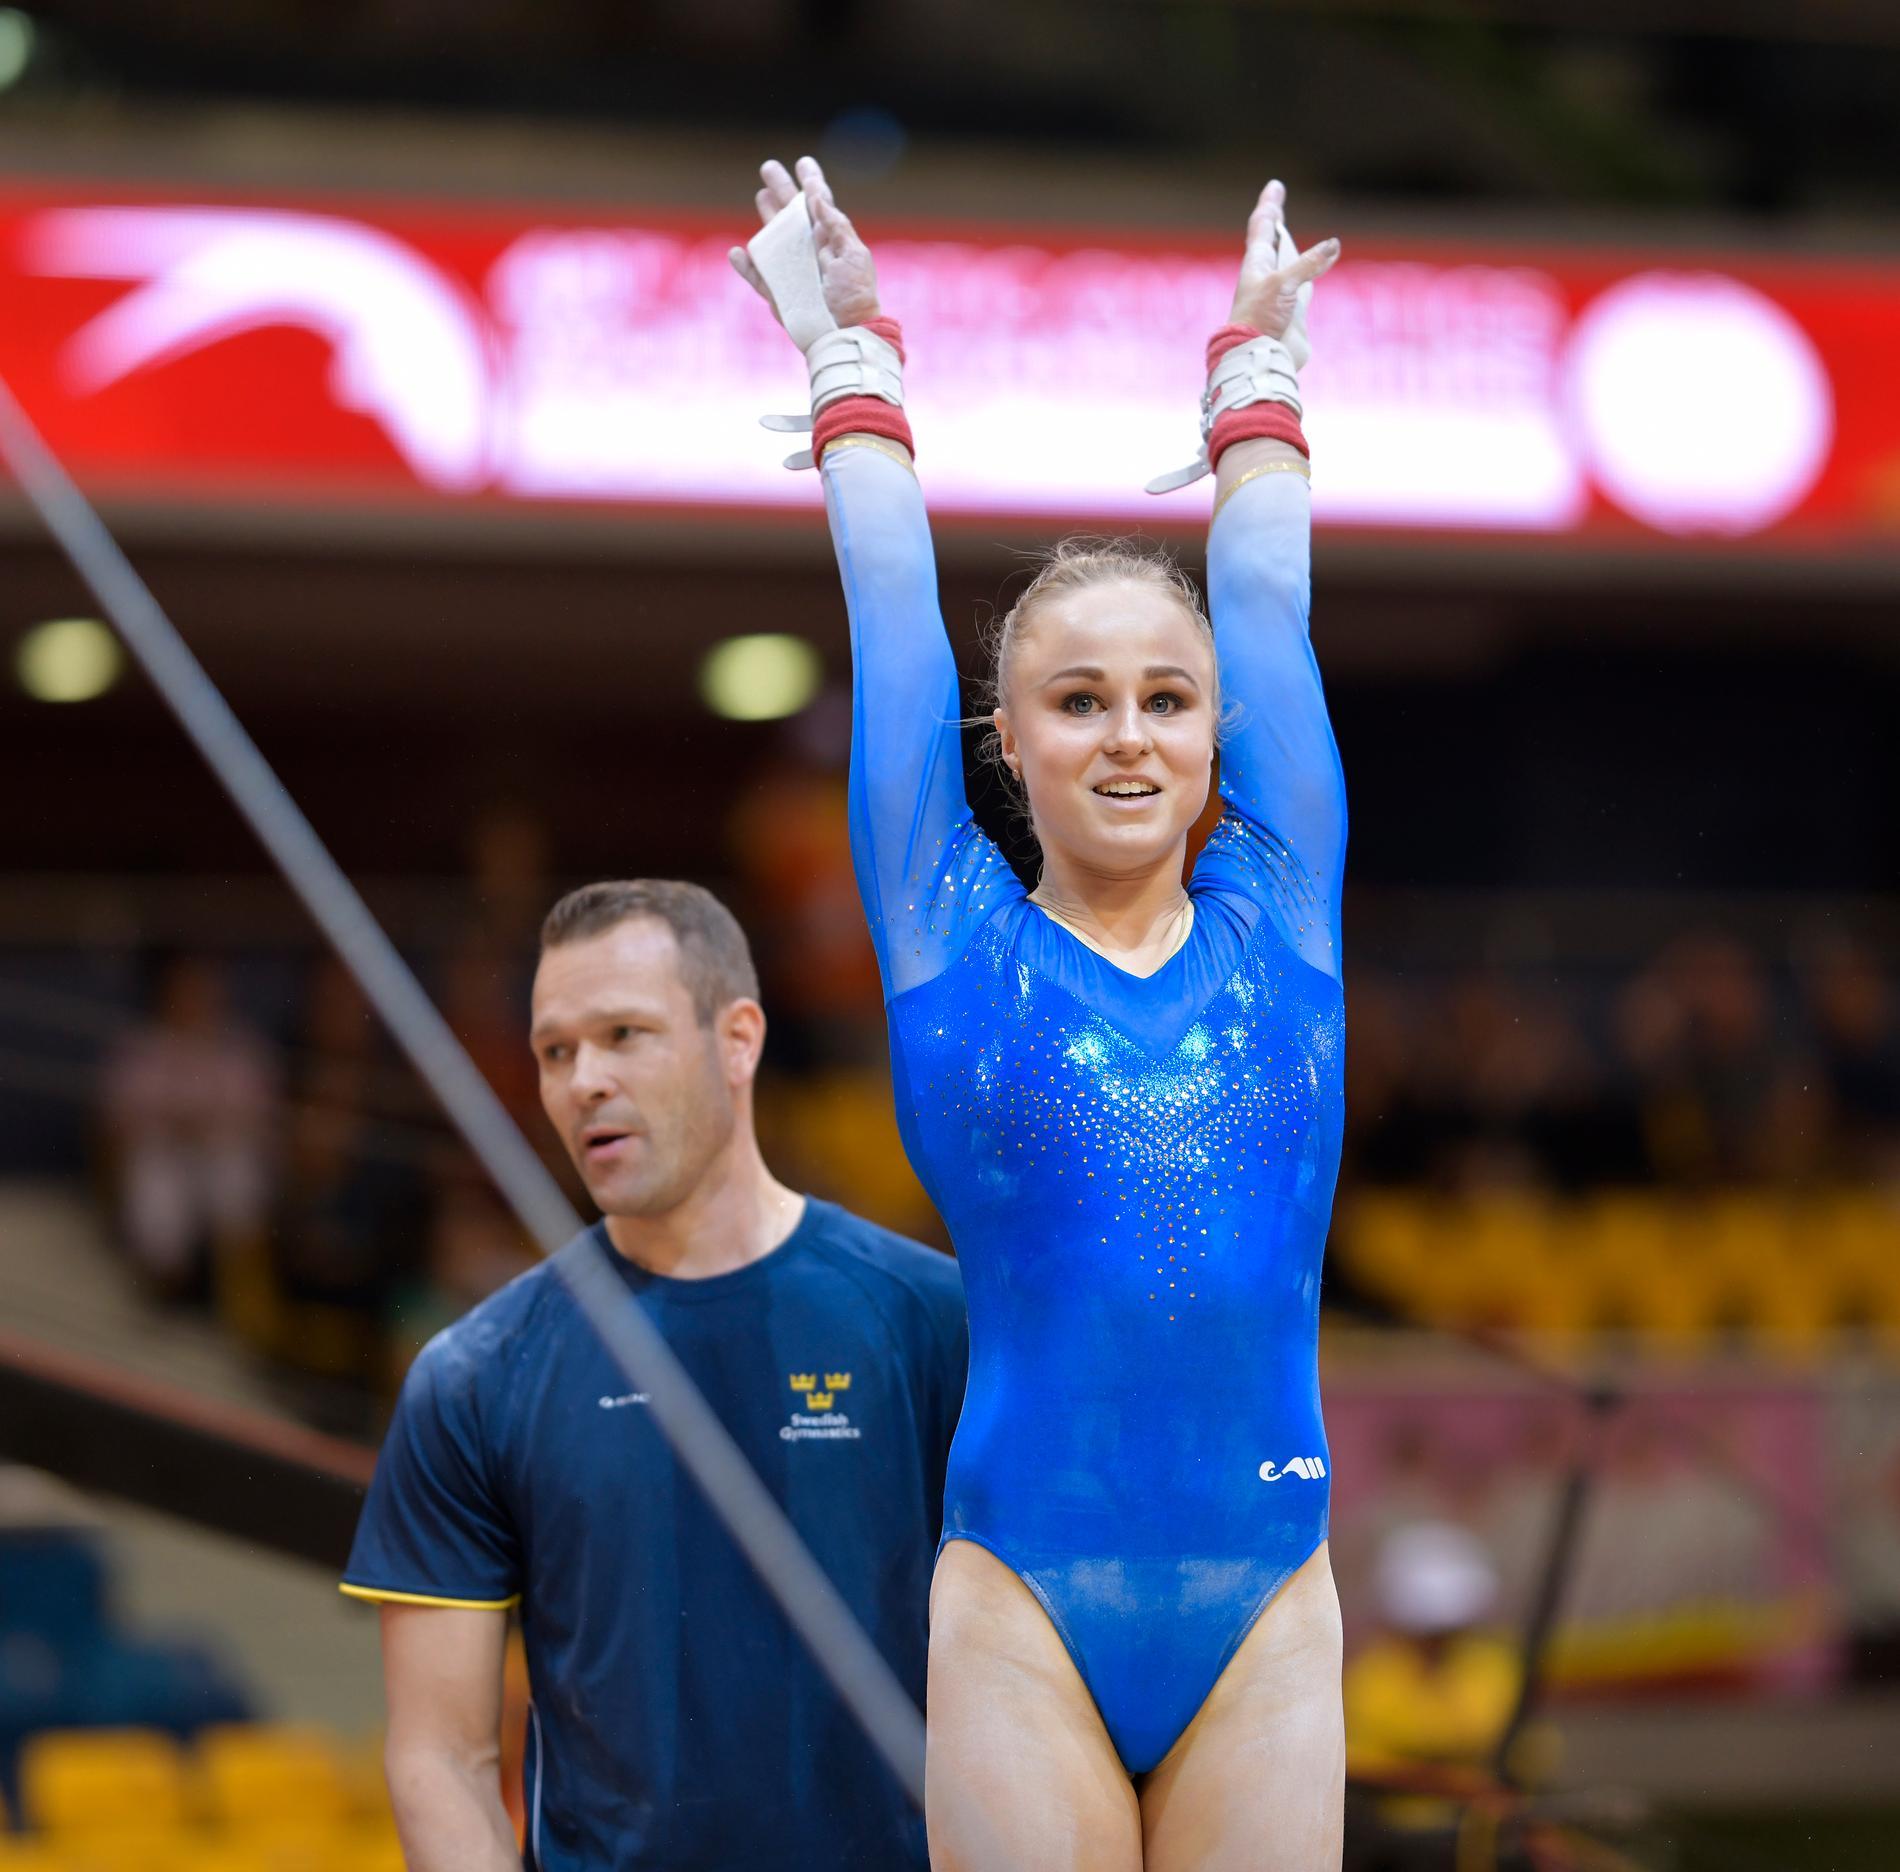 Jonna Adlerteg vill ta sig till OS i Tokyo nästa år. Hon fick med sig ett bra resultat från världscupen i Melbourne. Arkivbild.